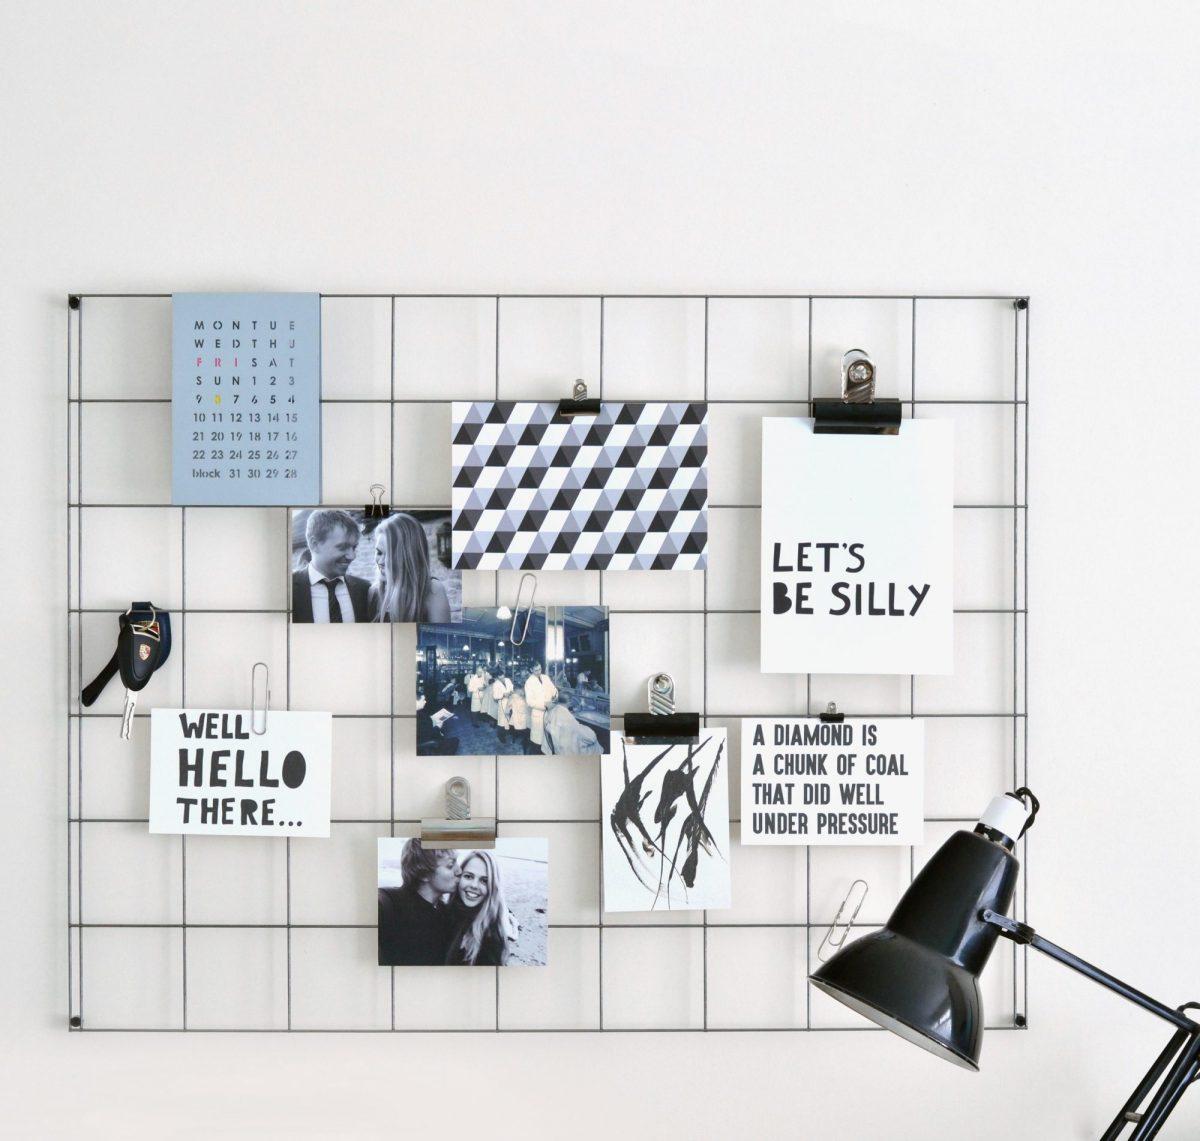 12oakdene-designs_steel-wire-mesh-notice-board-1200x1200.jpg